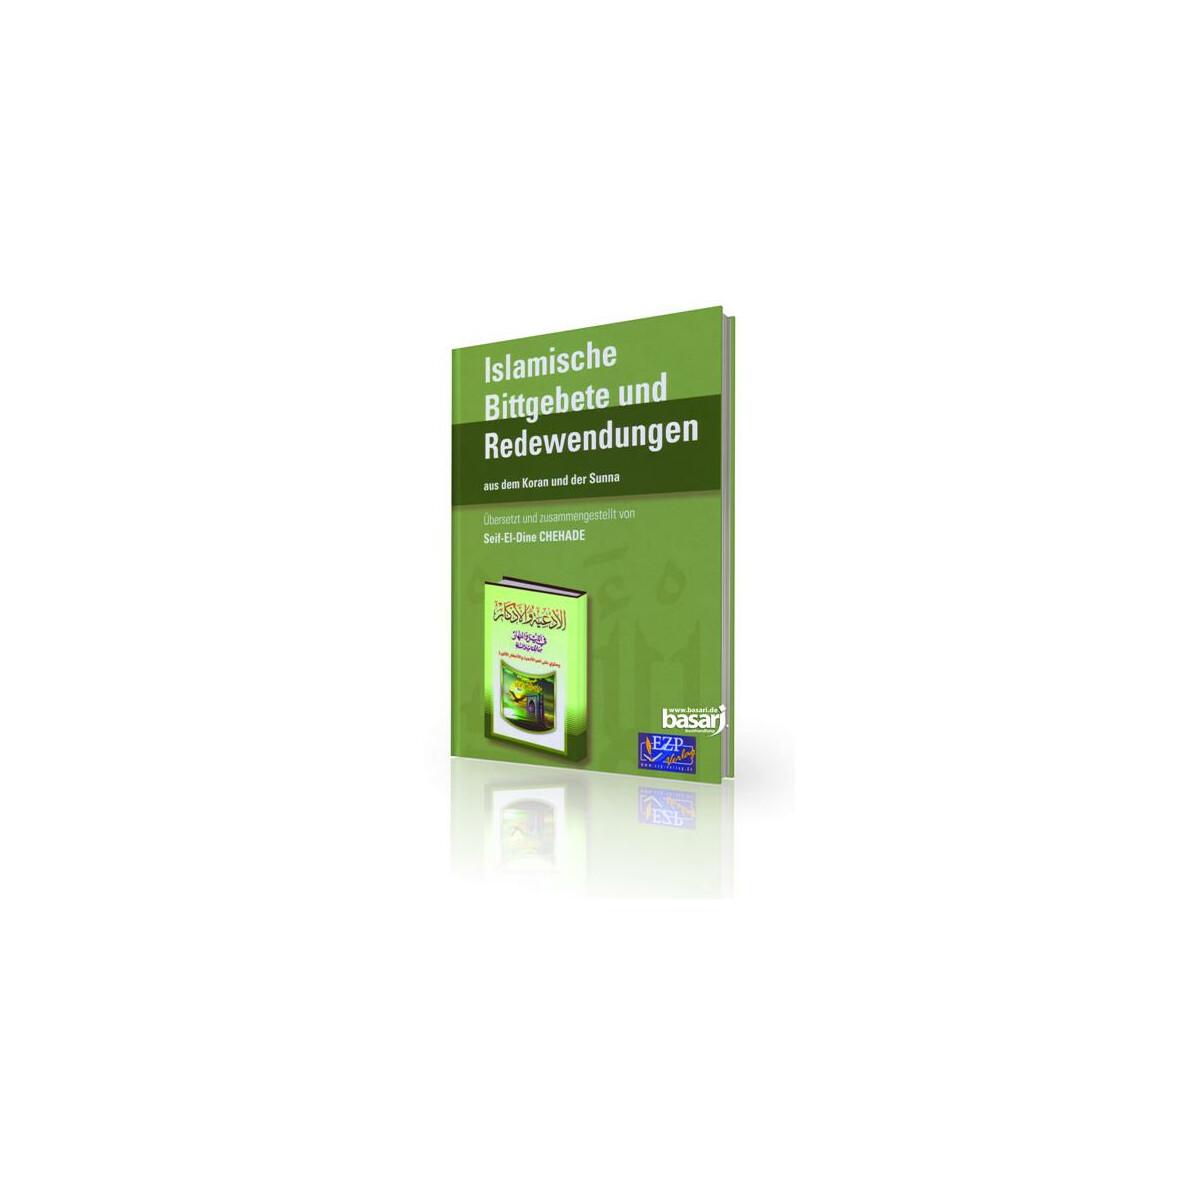 Islamische Bittgebete Und Redewendungen 10 00